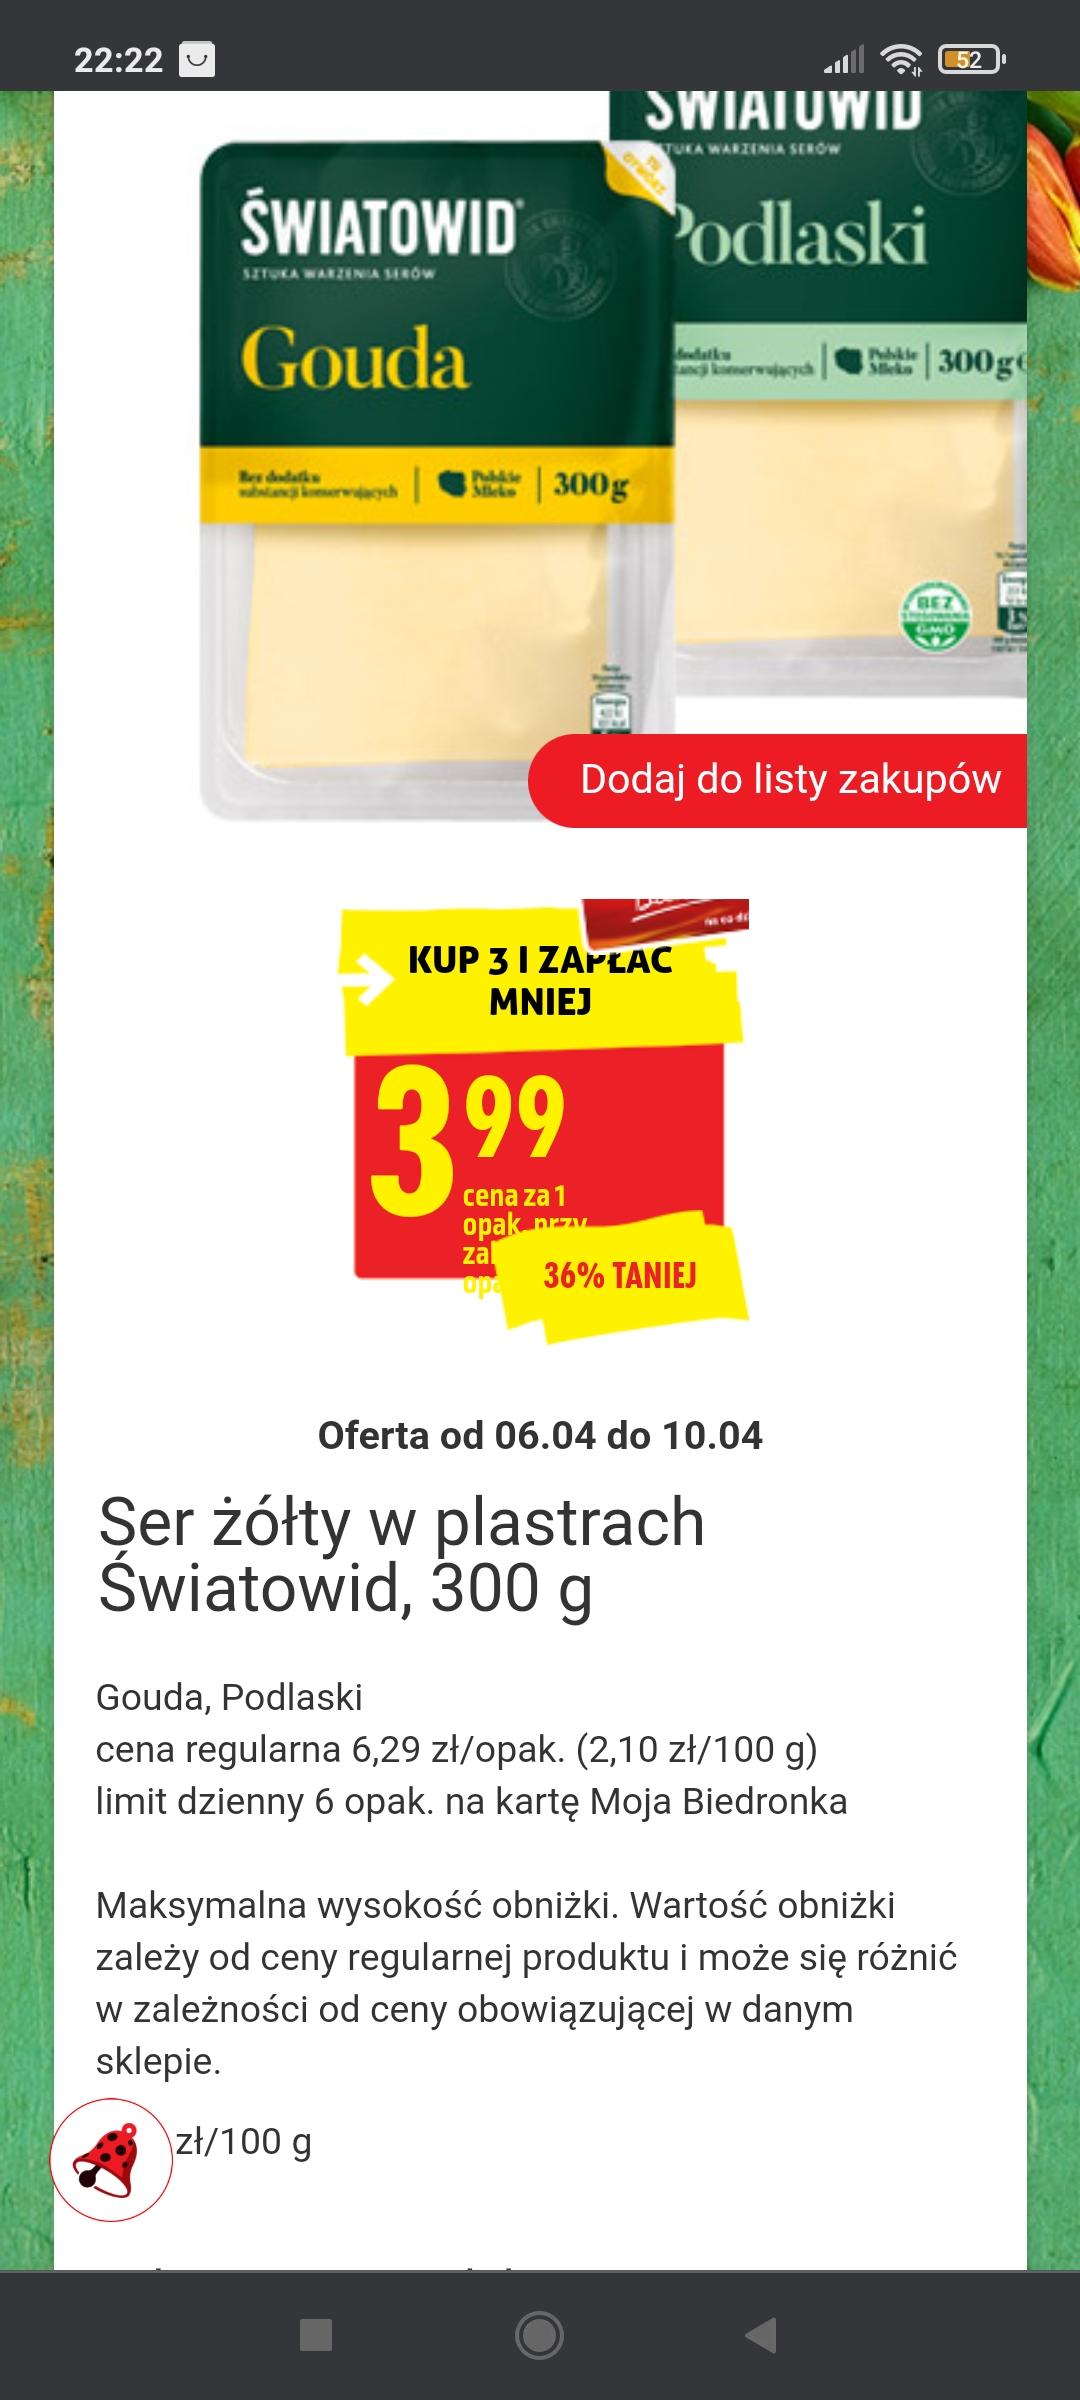 Ser żółty w plastrach Światowid, Gouda, Podlaski 300 g przy zakupie 3 opakowań z kartą MB w Biedronce